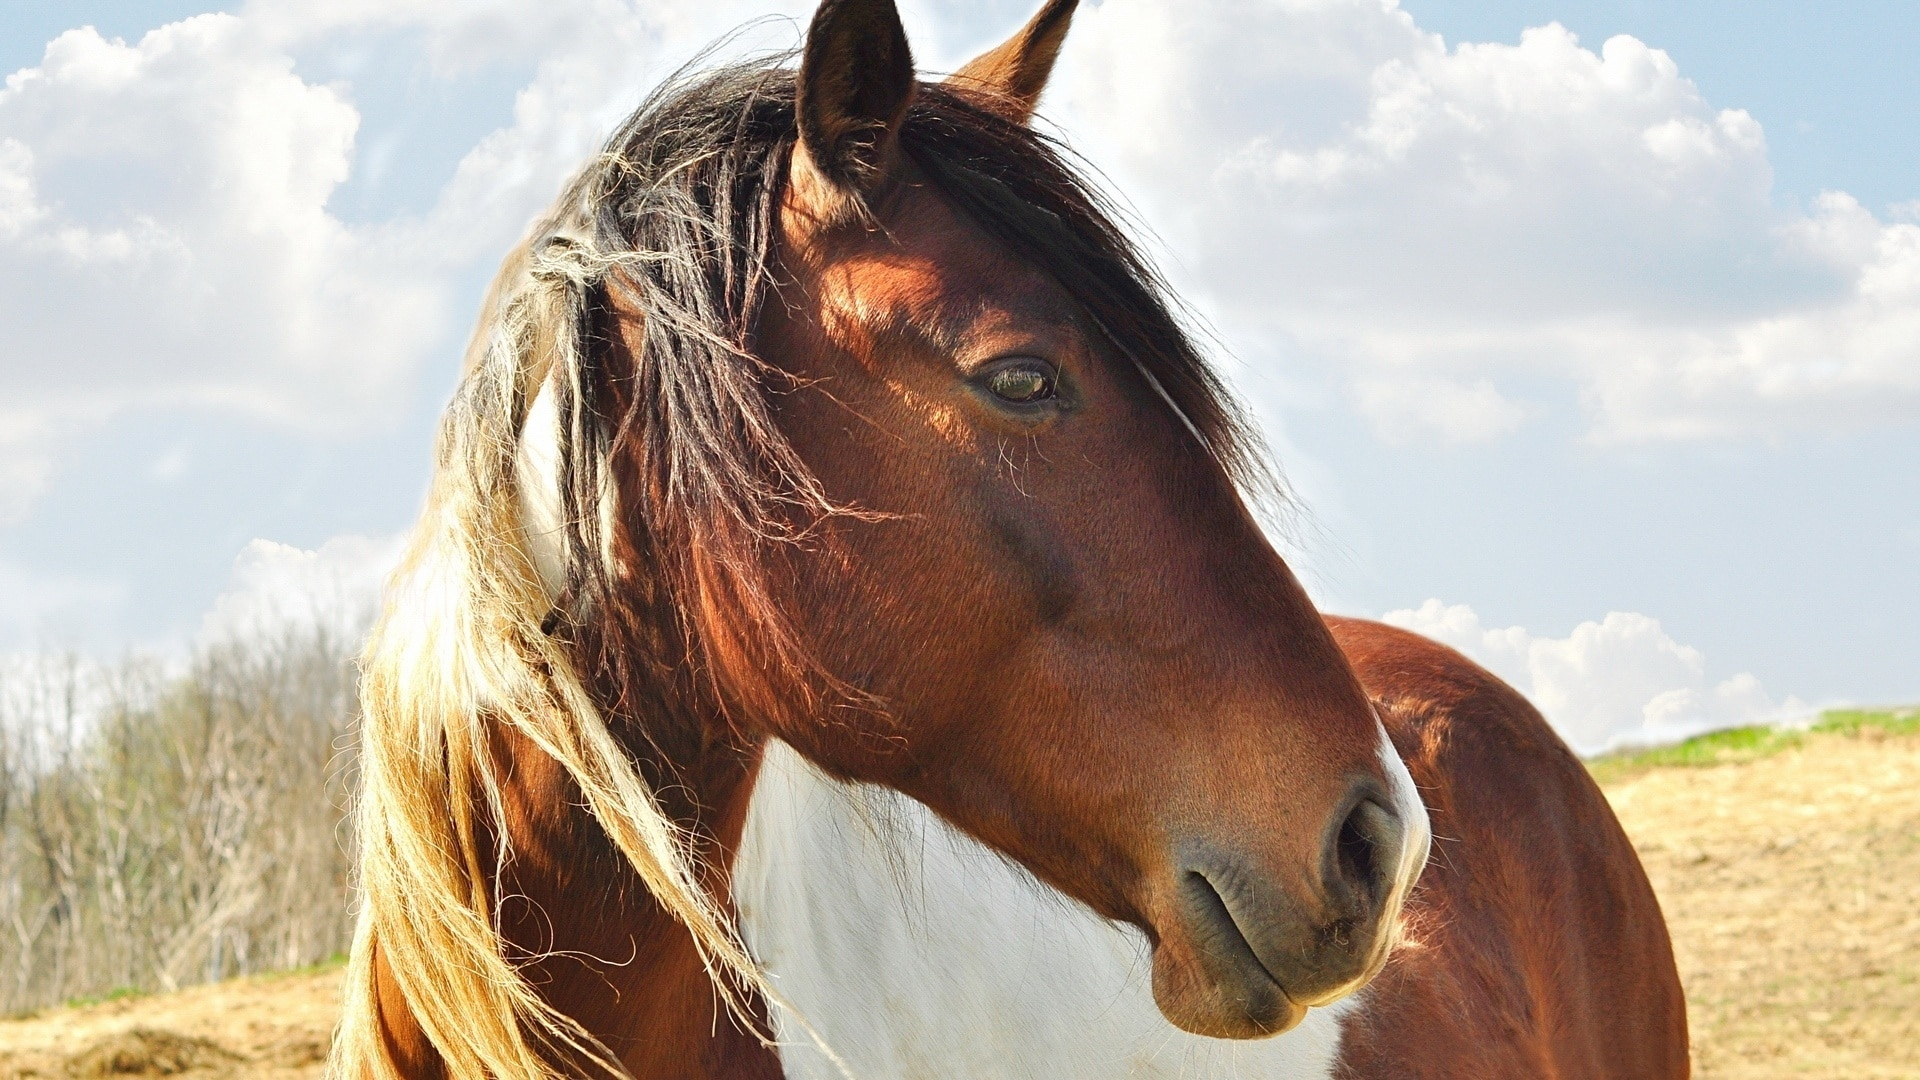 Perché i cavalli non possono respirare con la bocca?